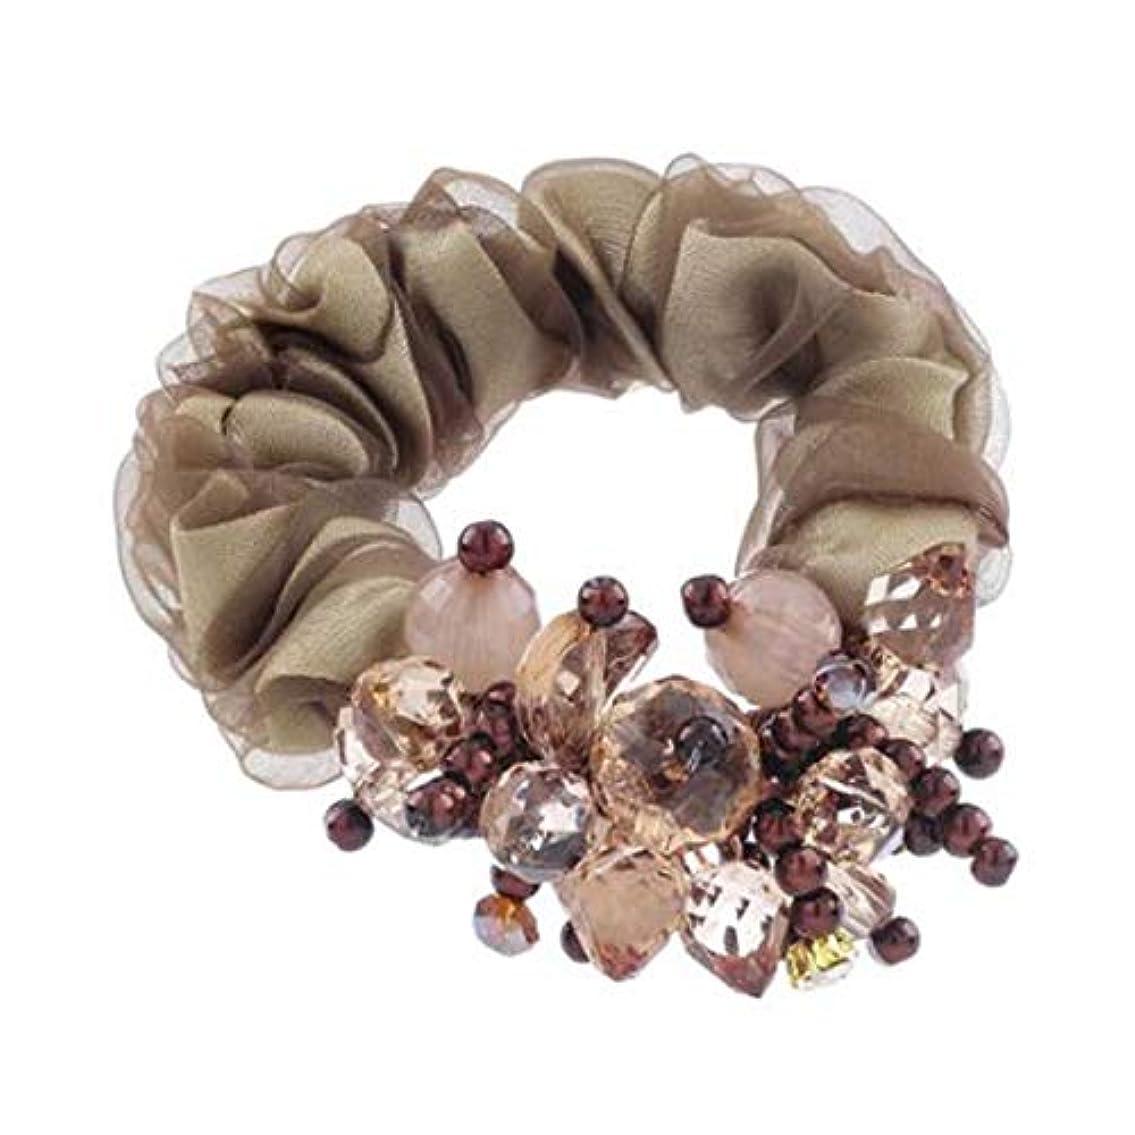 検索エンジンマーケティングやりがいのあるテレビを見るヘアクリップ、ヘアピン、ヘアグリップ、ヘアグリップ、ヘアアクセサリーヘアバンドヘアーロープヘアネクタイヘアバンドラバーバンドヘッドロープ女性ヘッドジュエリーアダルトプレート髪純色ビーズ第三の花の色 (Color : Brown)